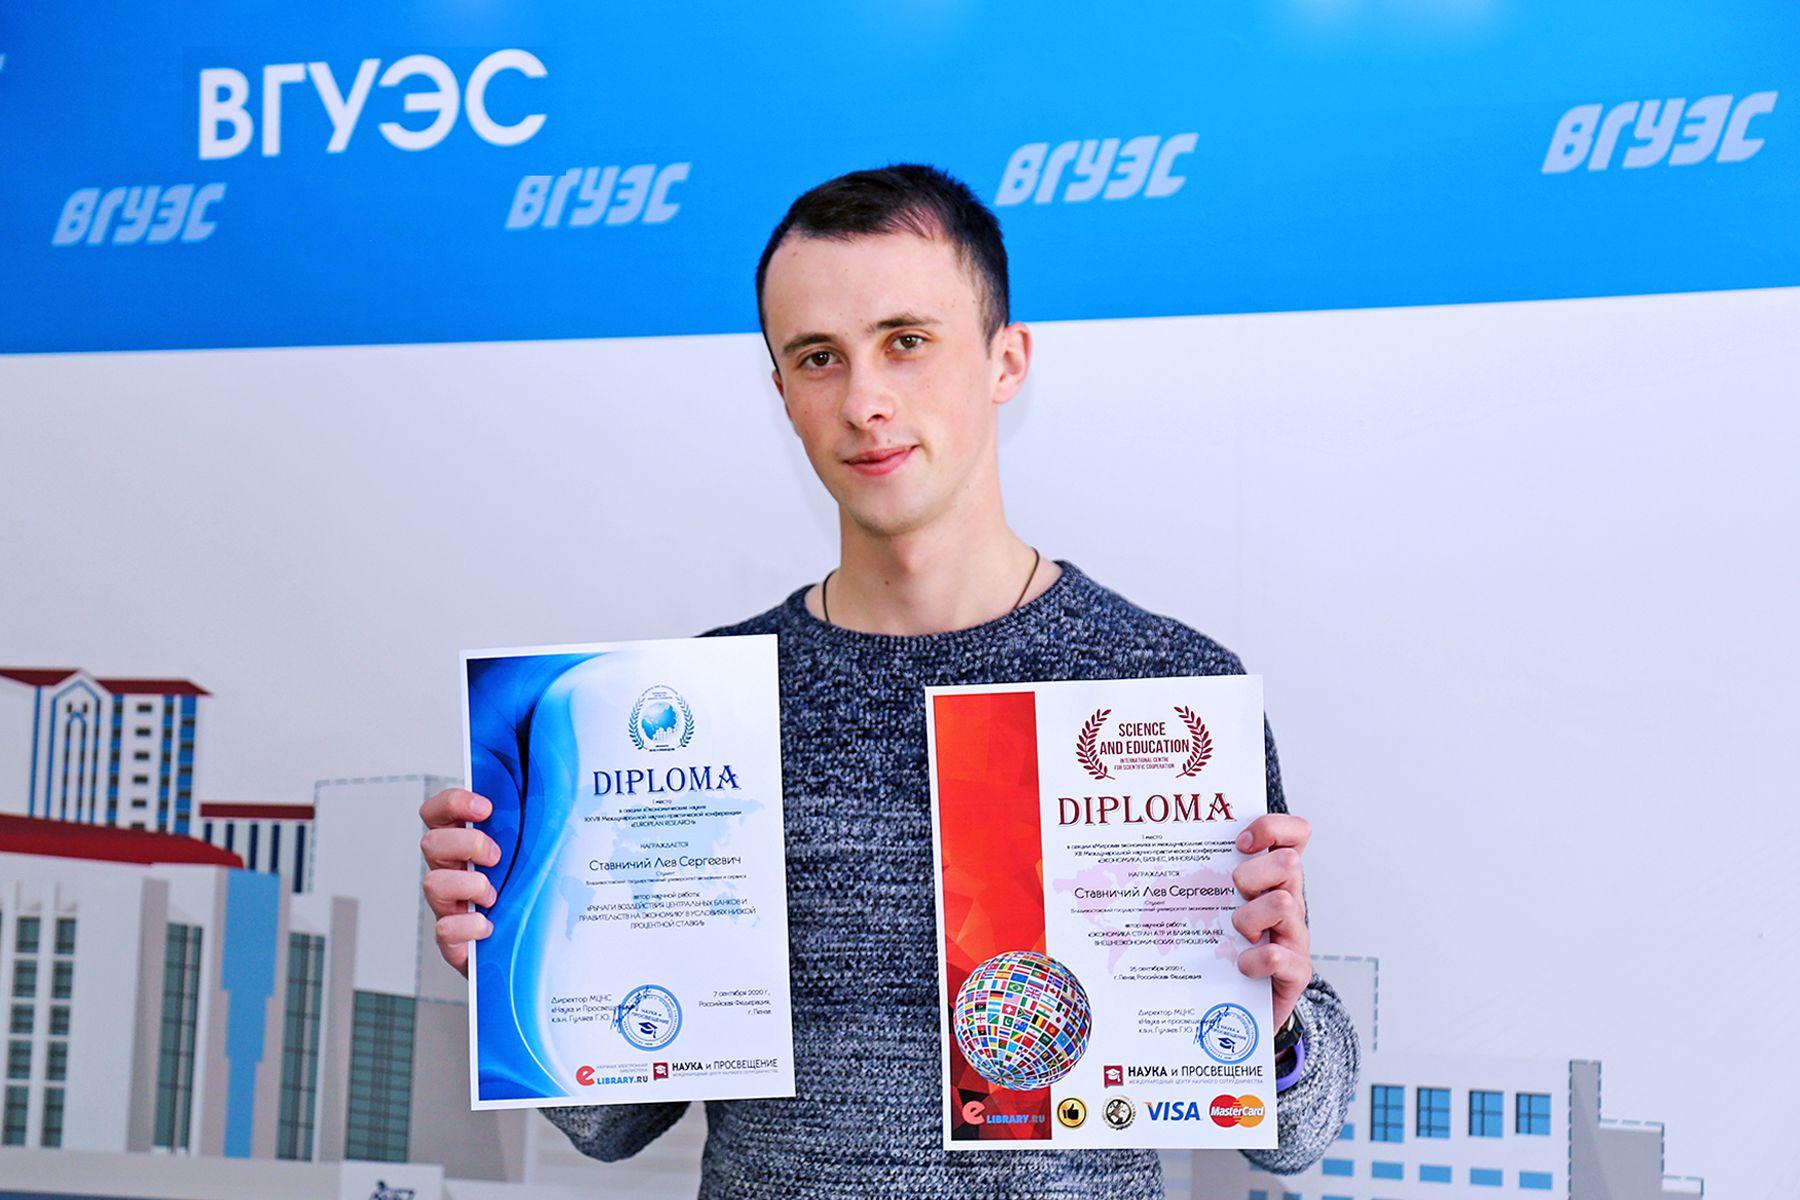 Студент ВГУЭС Лев Ставничий — победитель двух международных научно-практических конференций